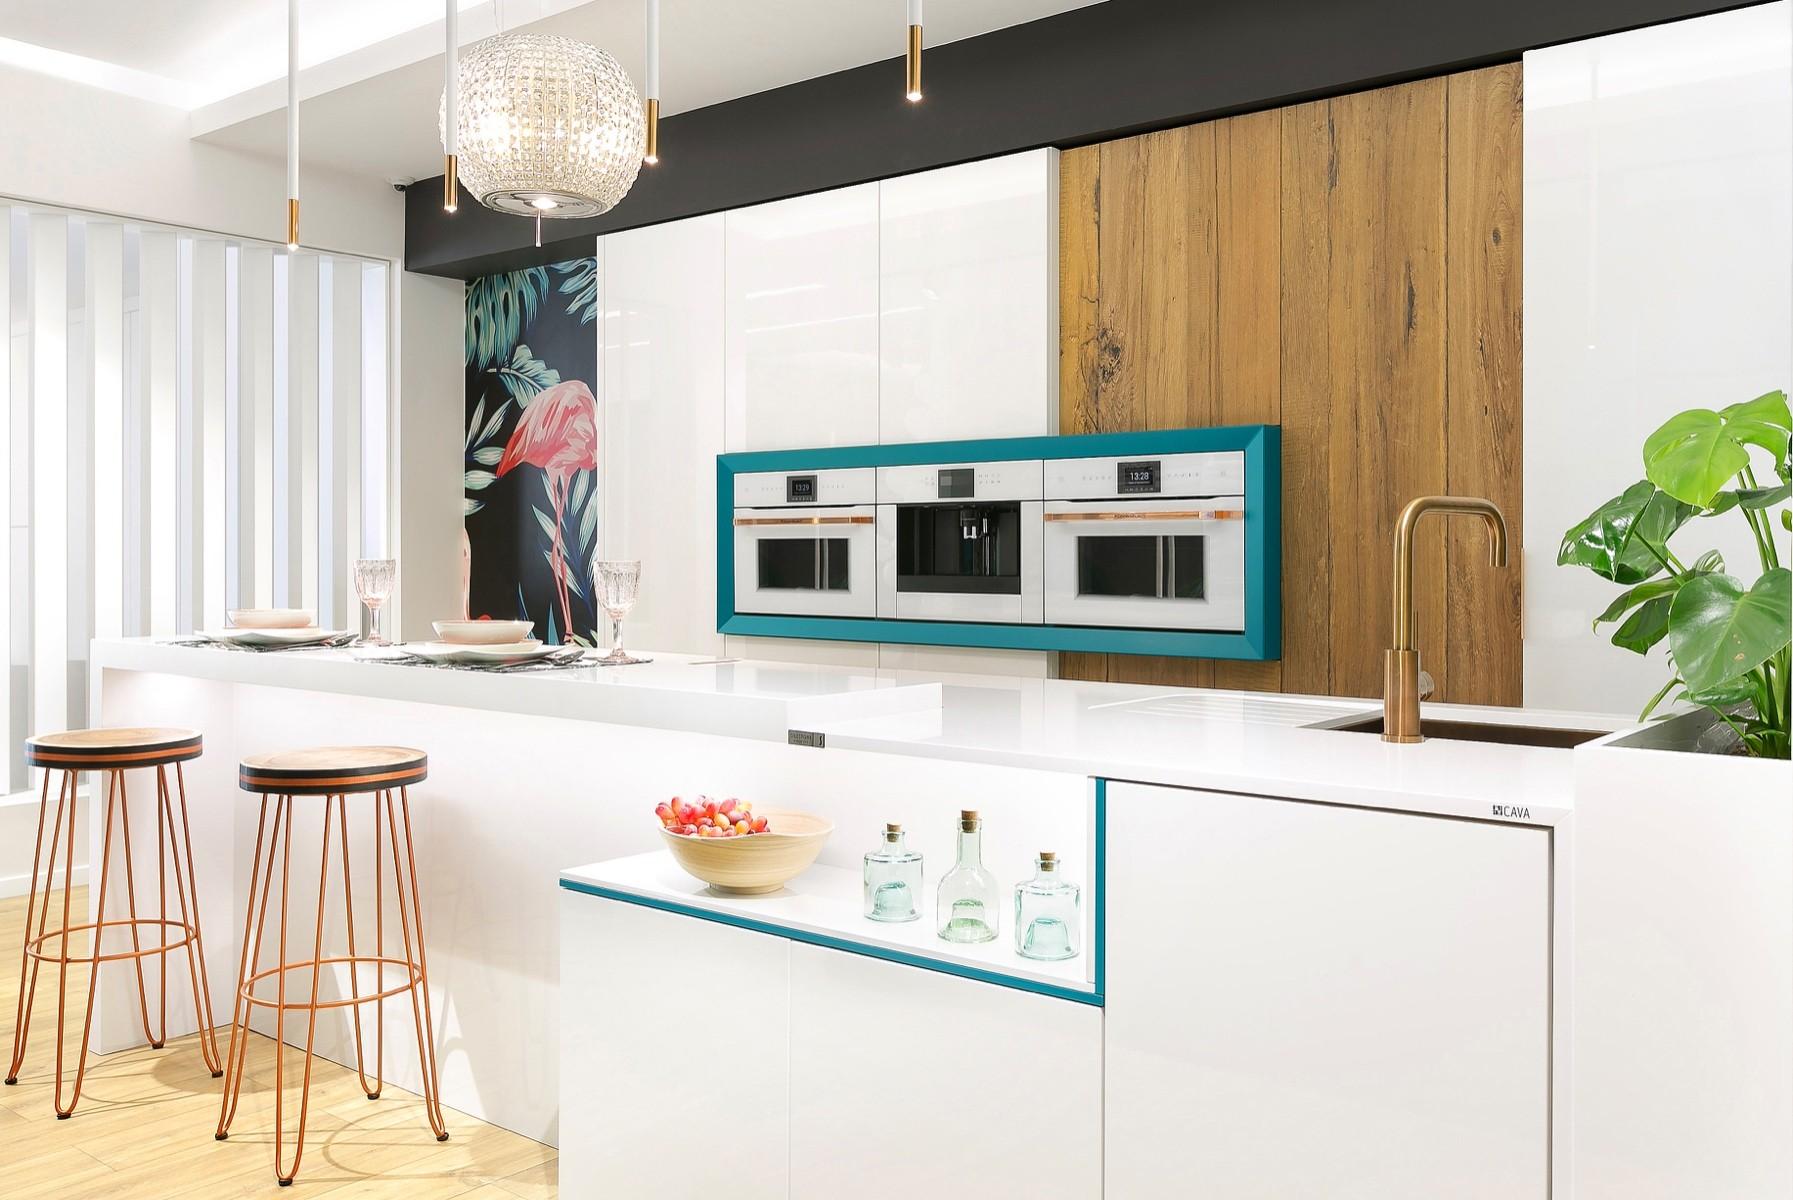 moderni kuchyn lipari